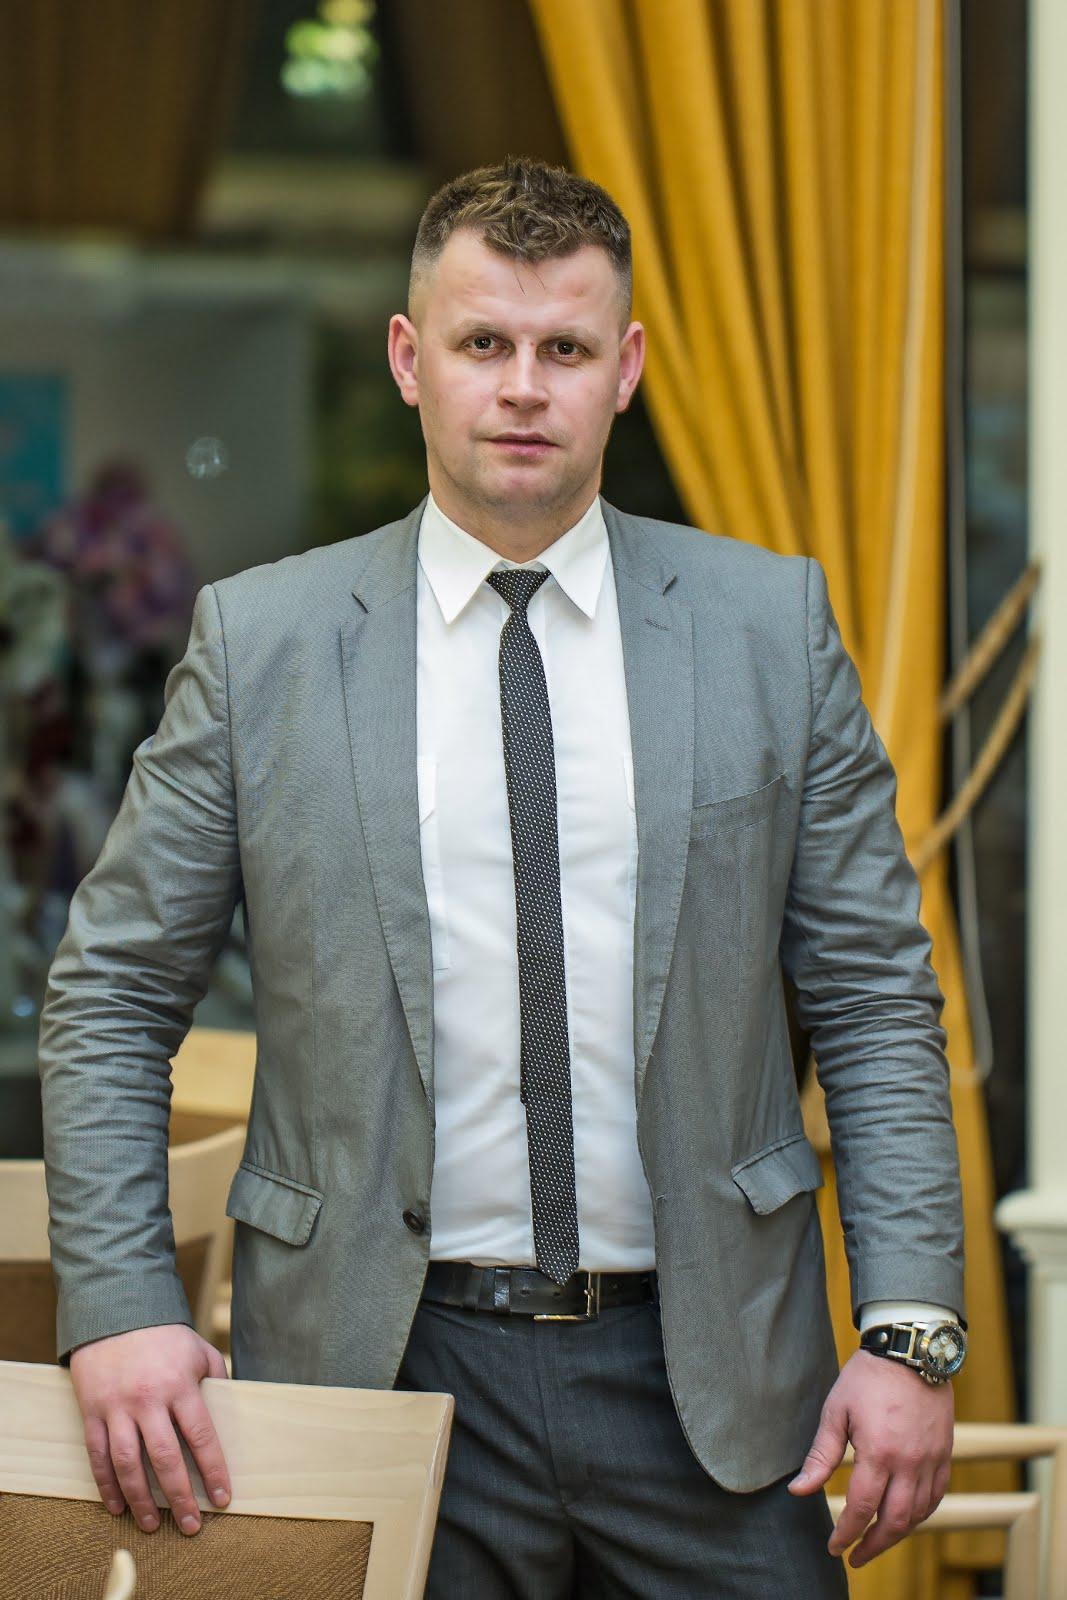 Marius Chiorean - event planner/event services